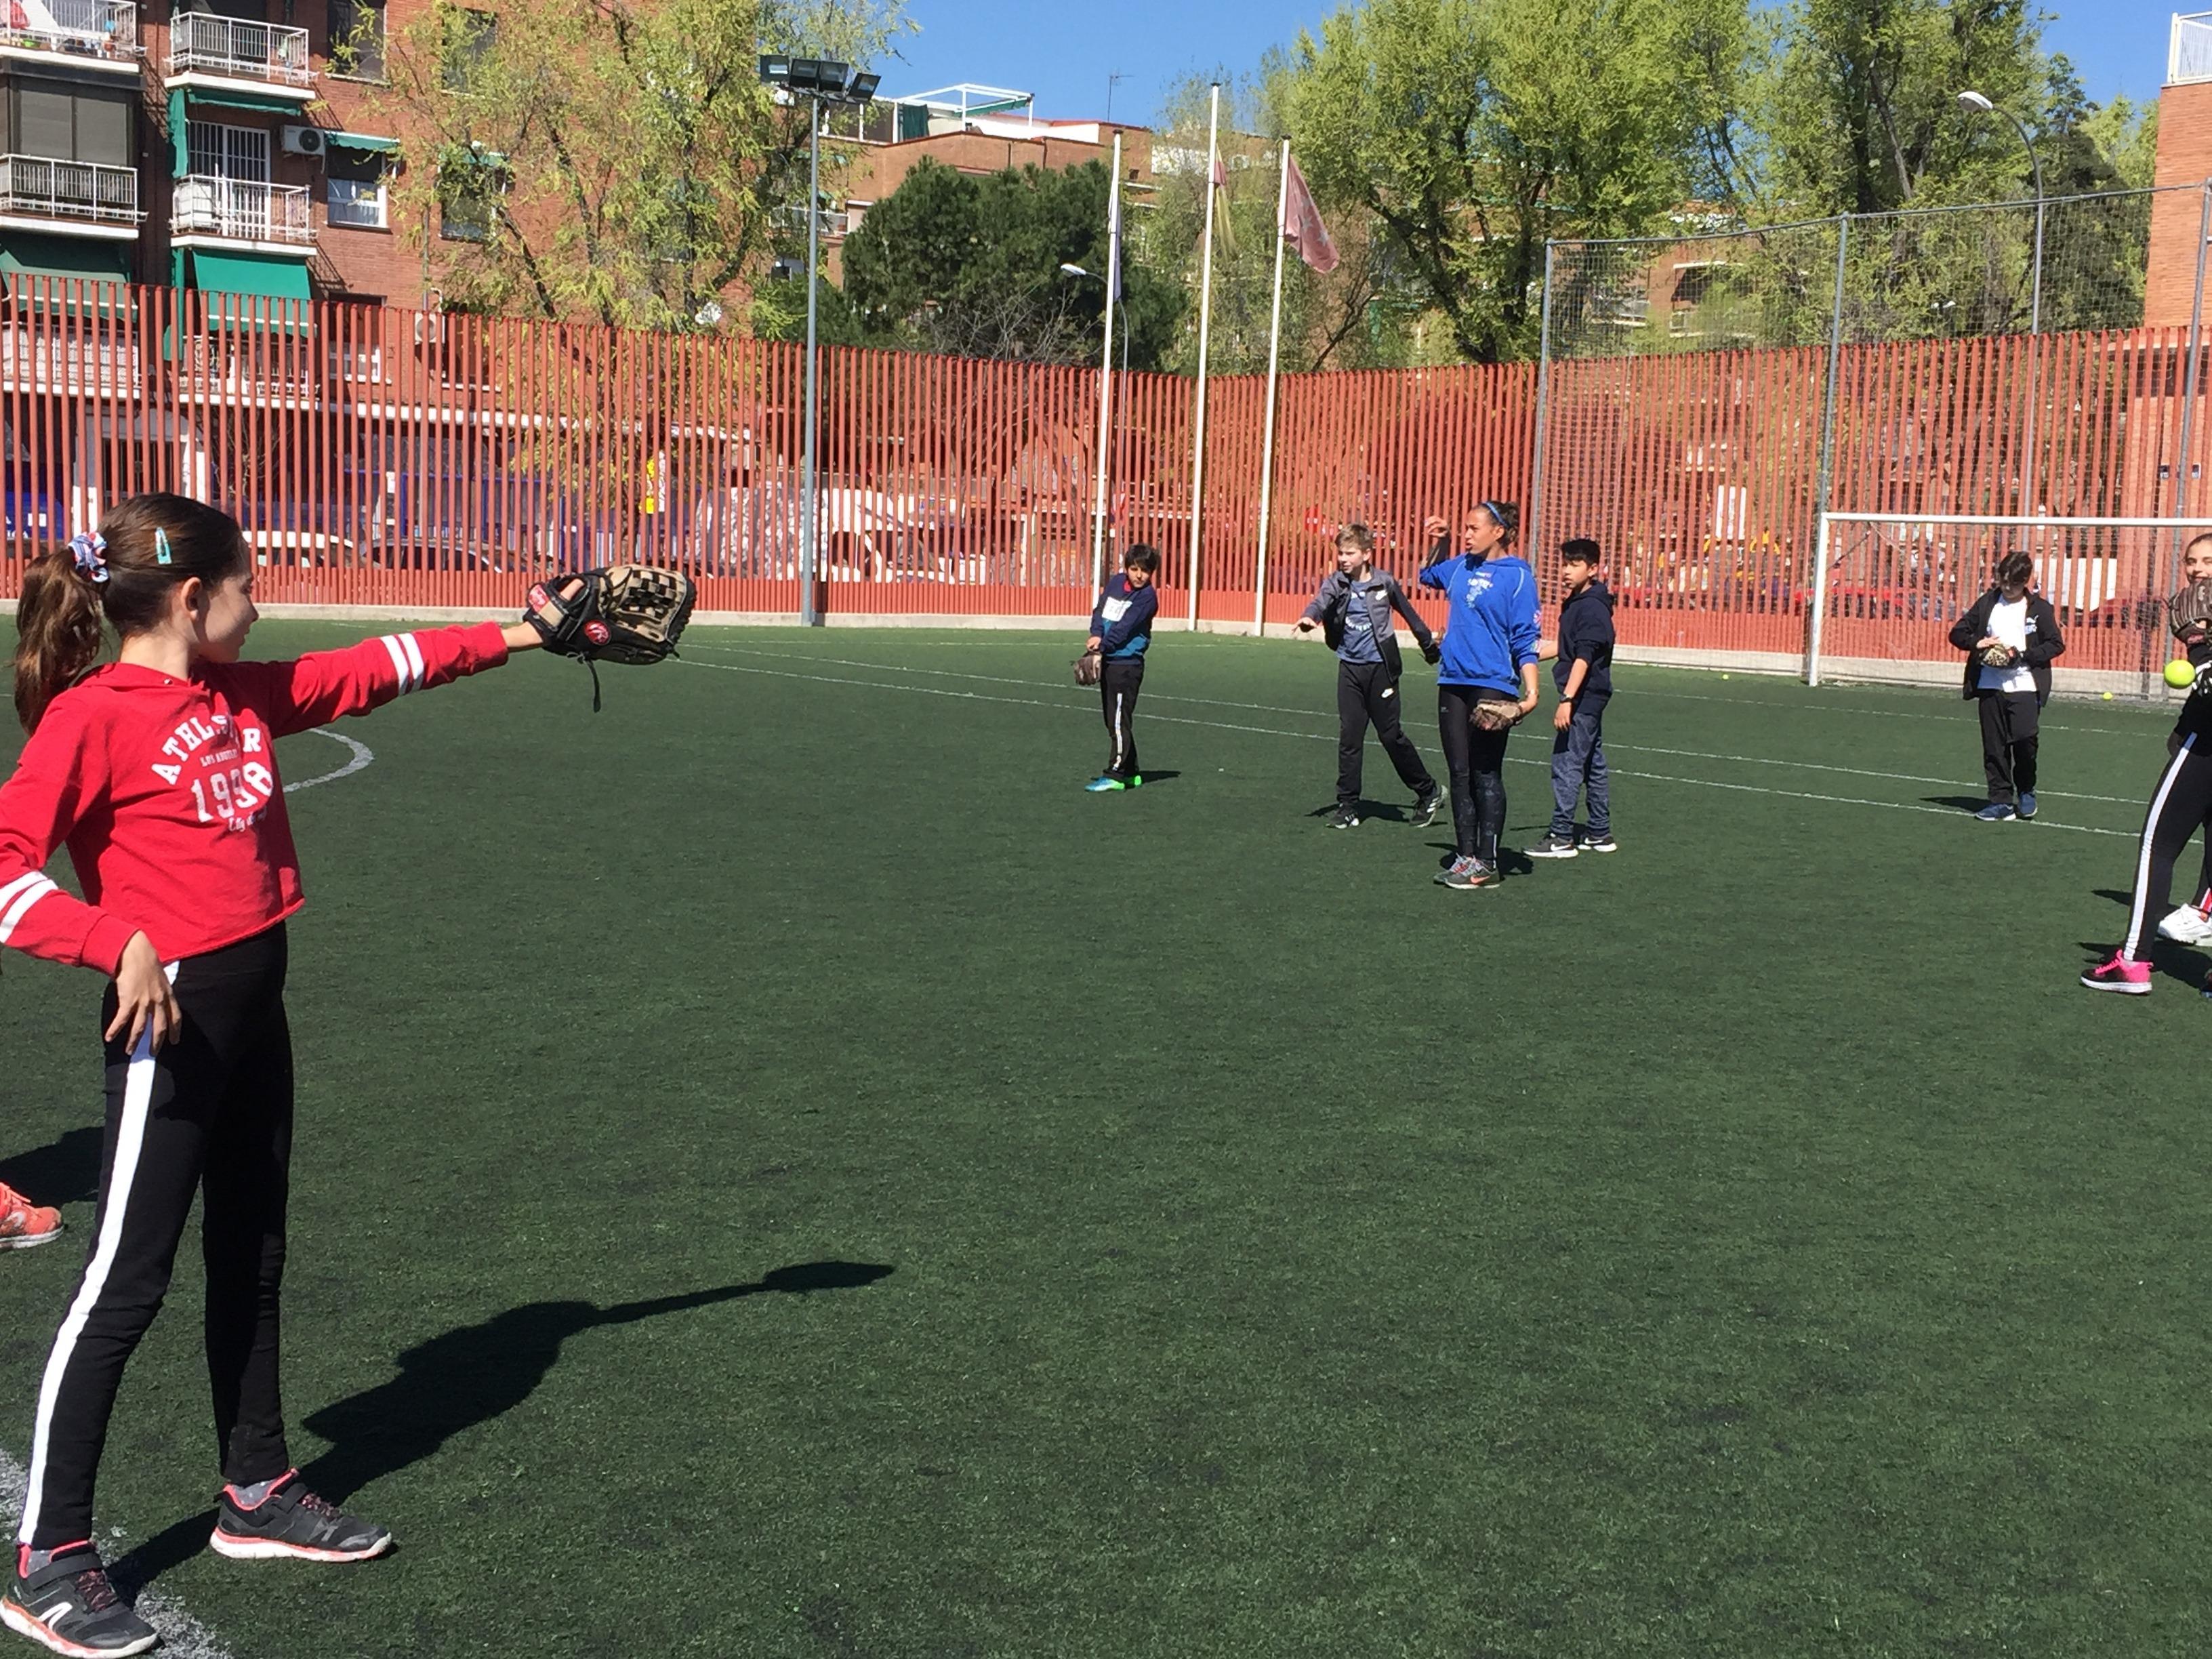 MAÑANAS ACTIVAS. Polideportivo San Vicente de Paul. 10